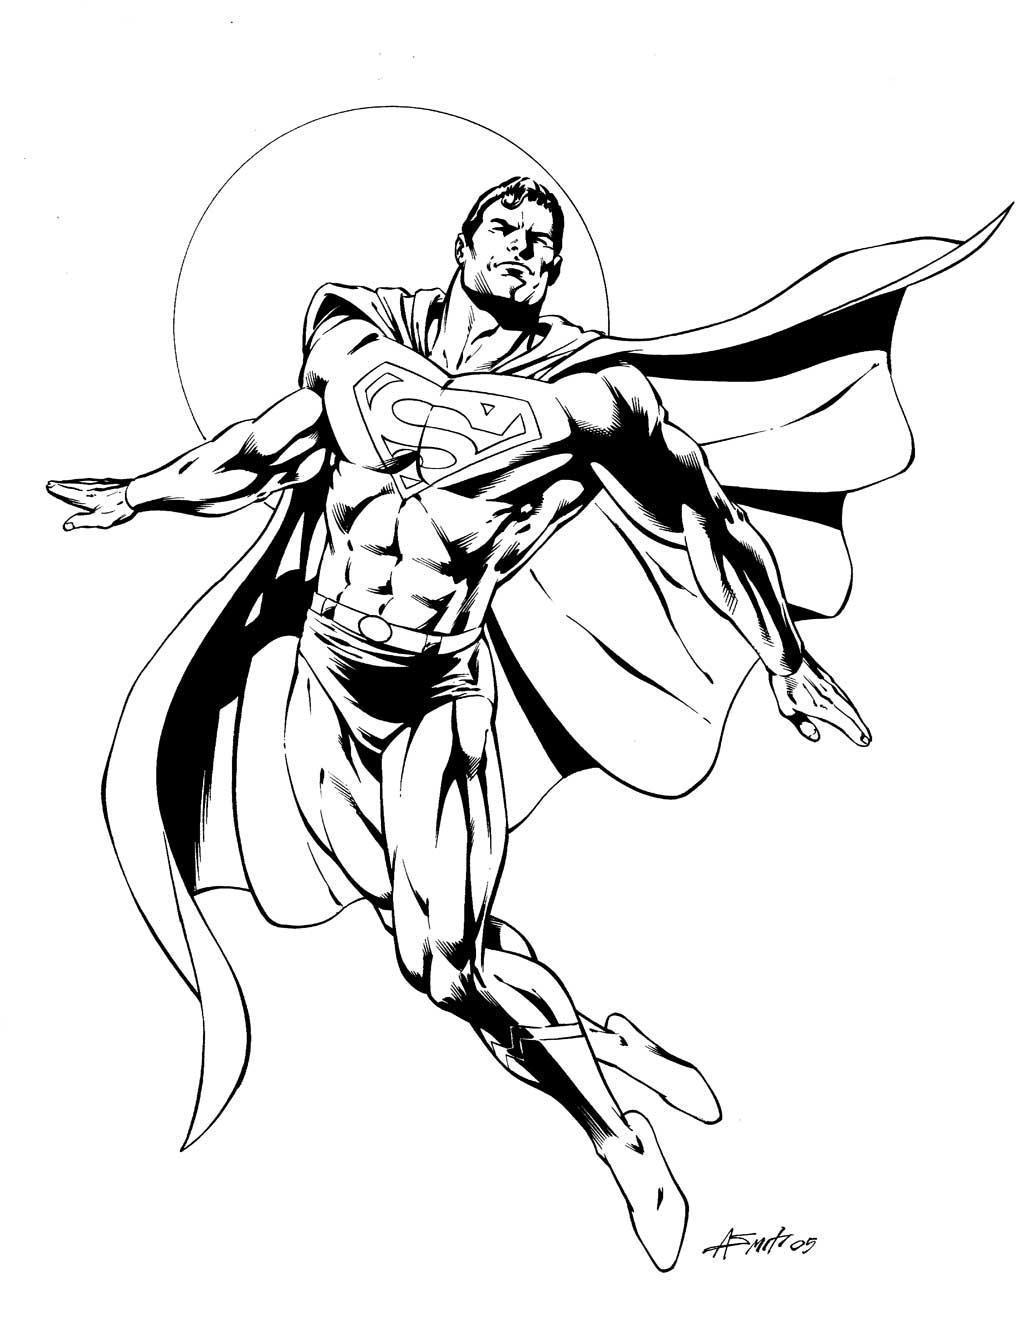 Dessin De Coloriage Superman À Imprimer - Cp25149 avec Coloriage Superman A Imprimer Gratuit